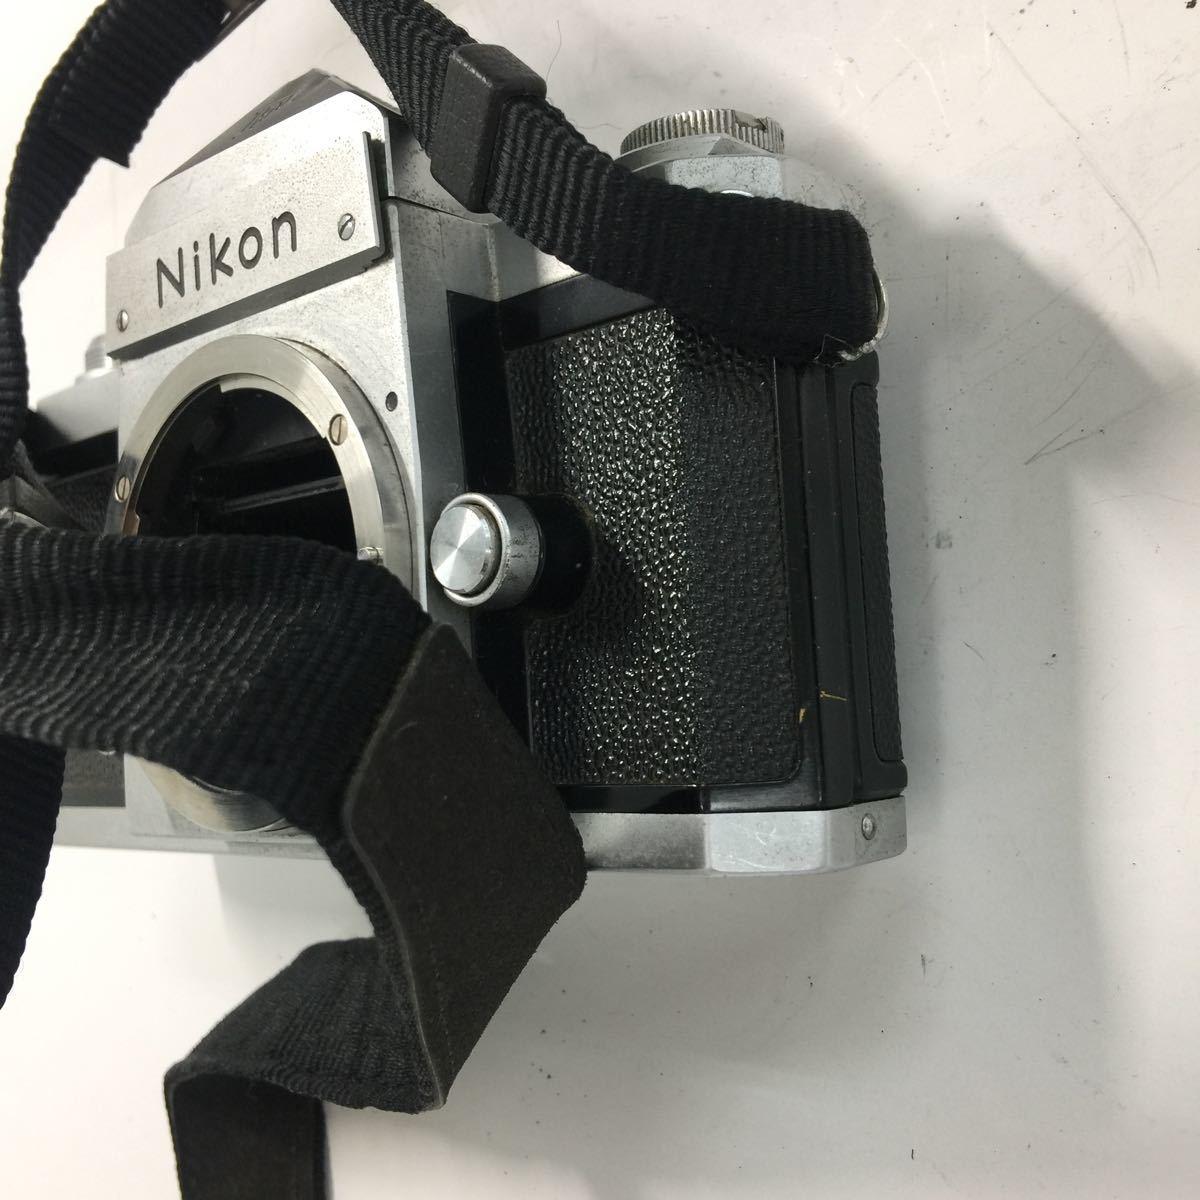 返品不可 Nikon ニコン F フィルムカメラ ボディ ジャンク品#19329_画像7